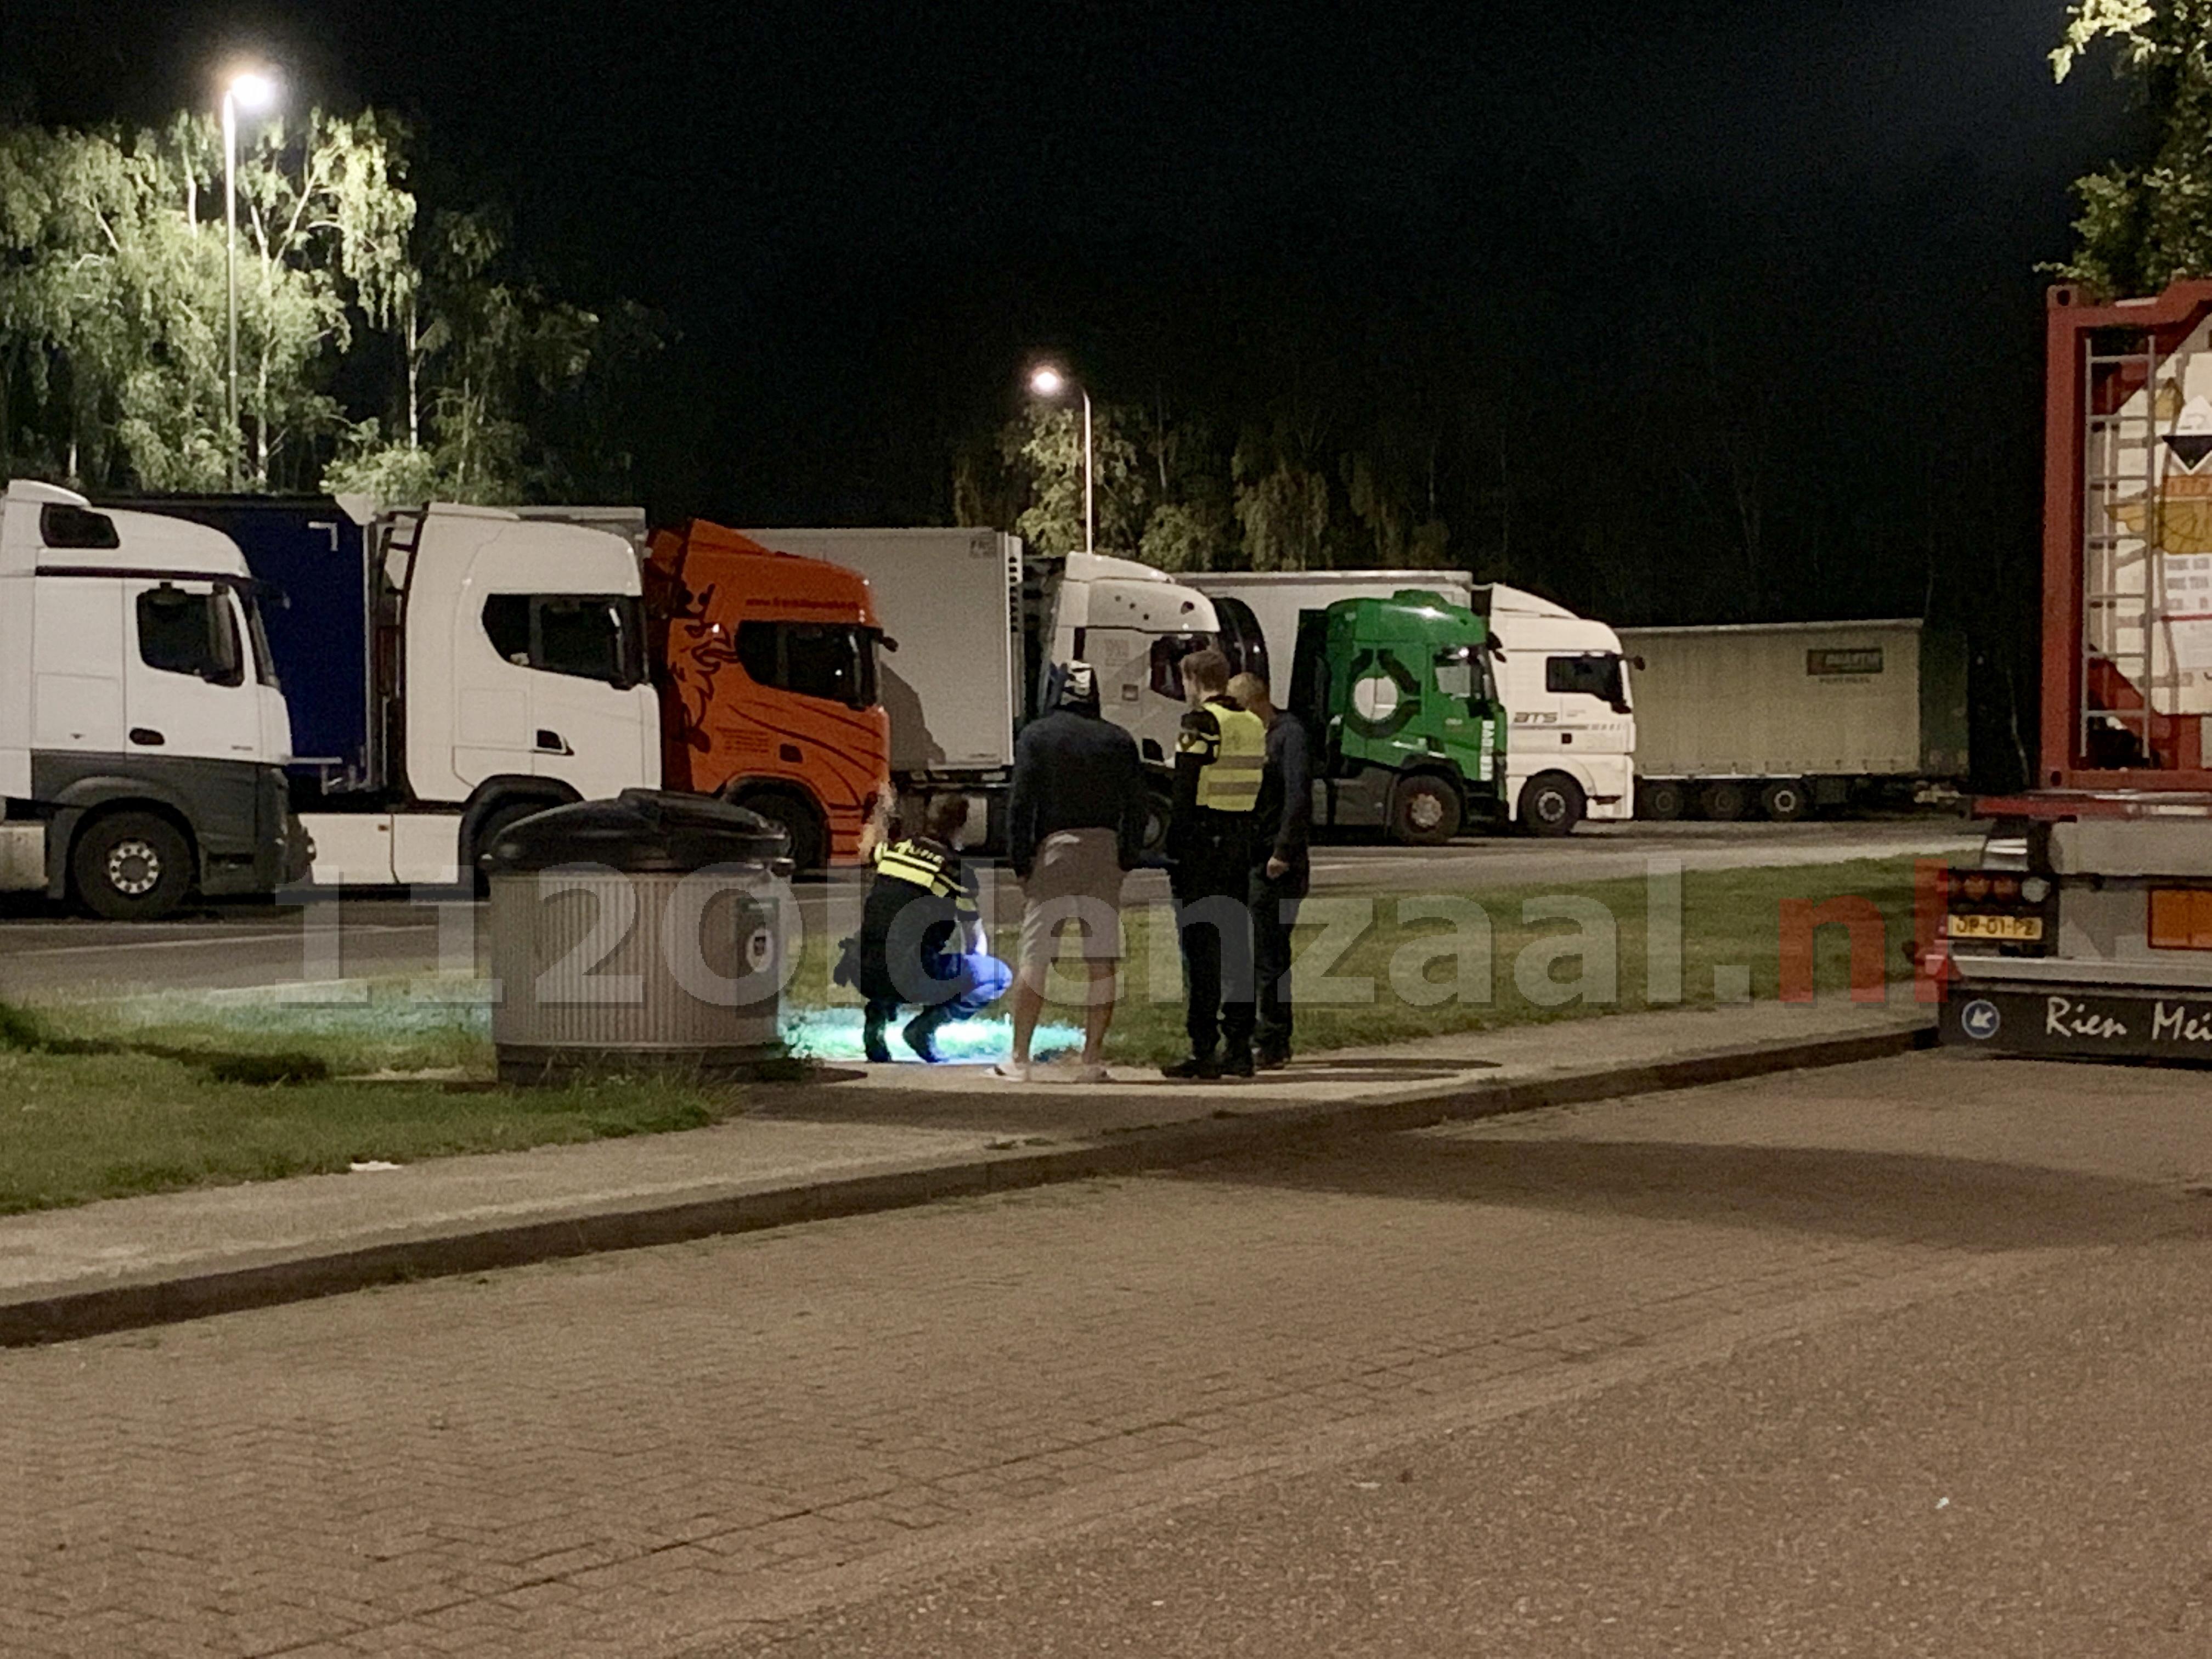 VIDEO: Inzittenden busje overvallen op parkeerplaats langs A1 tussen Oldenzaal en Hengelo